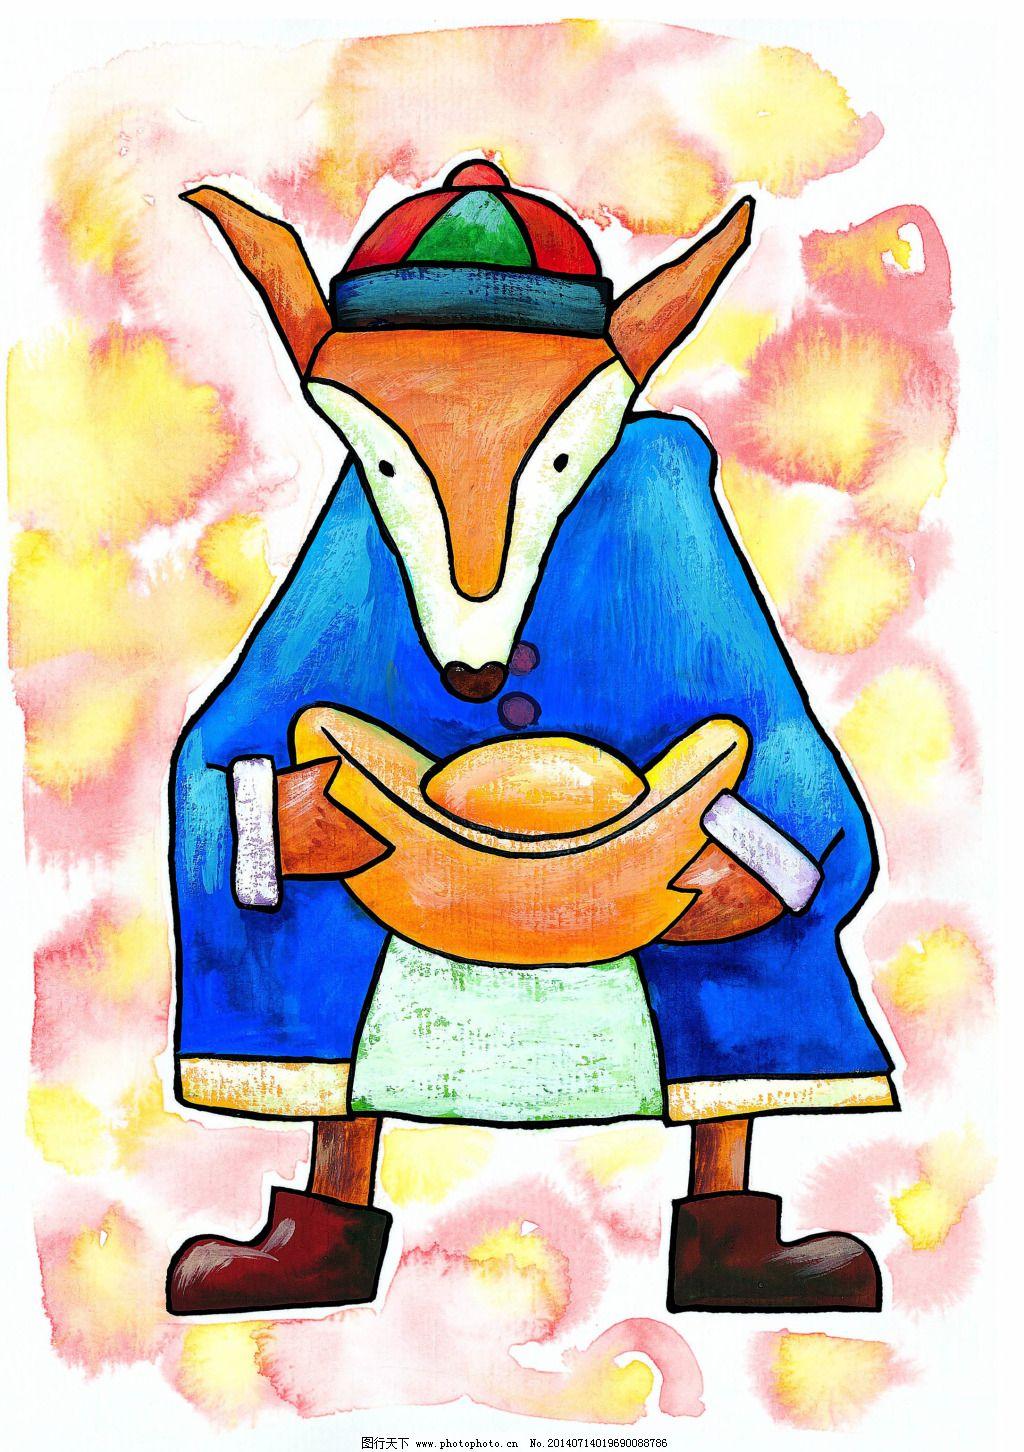 动物水彩画免费下载 动物水彩画 新年水彩画 卡通新年图片素材 动物